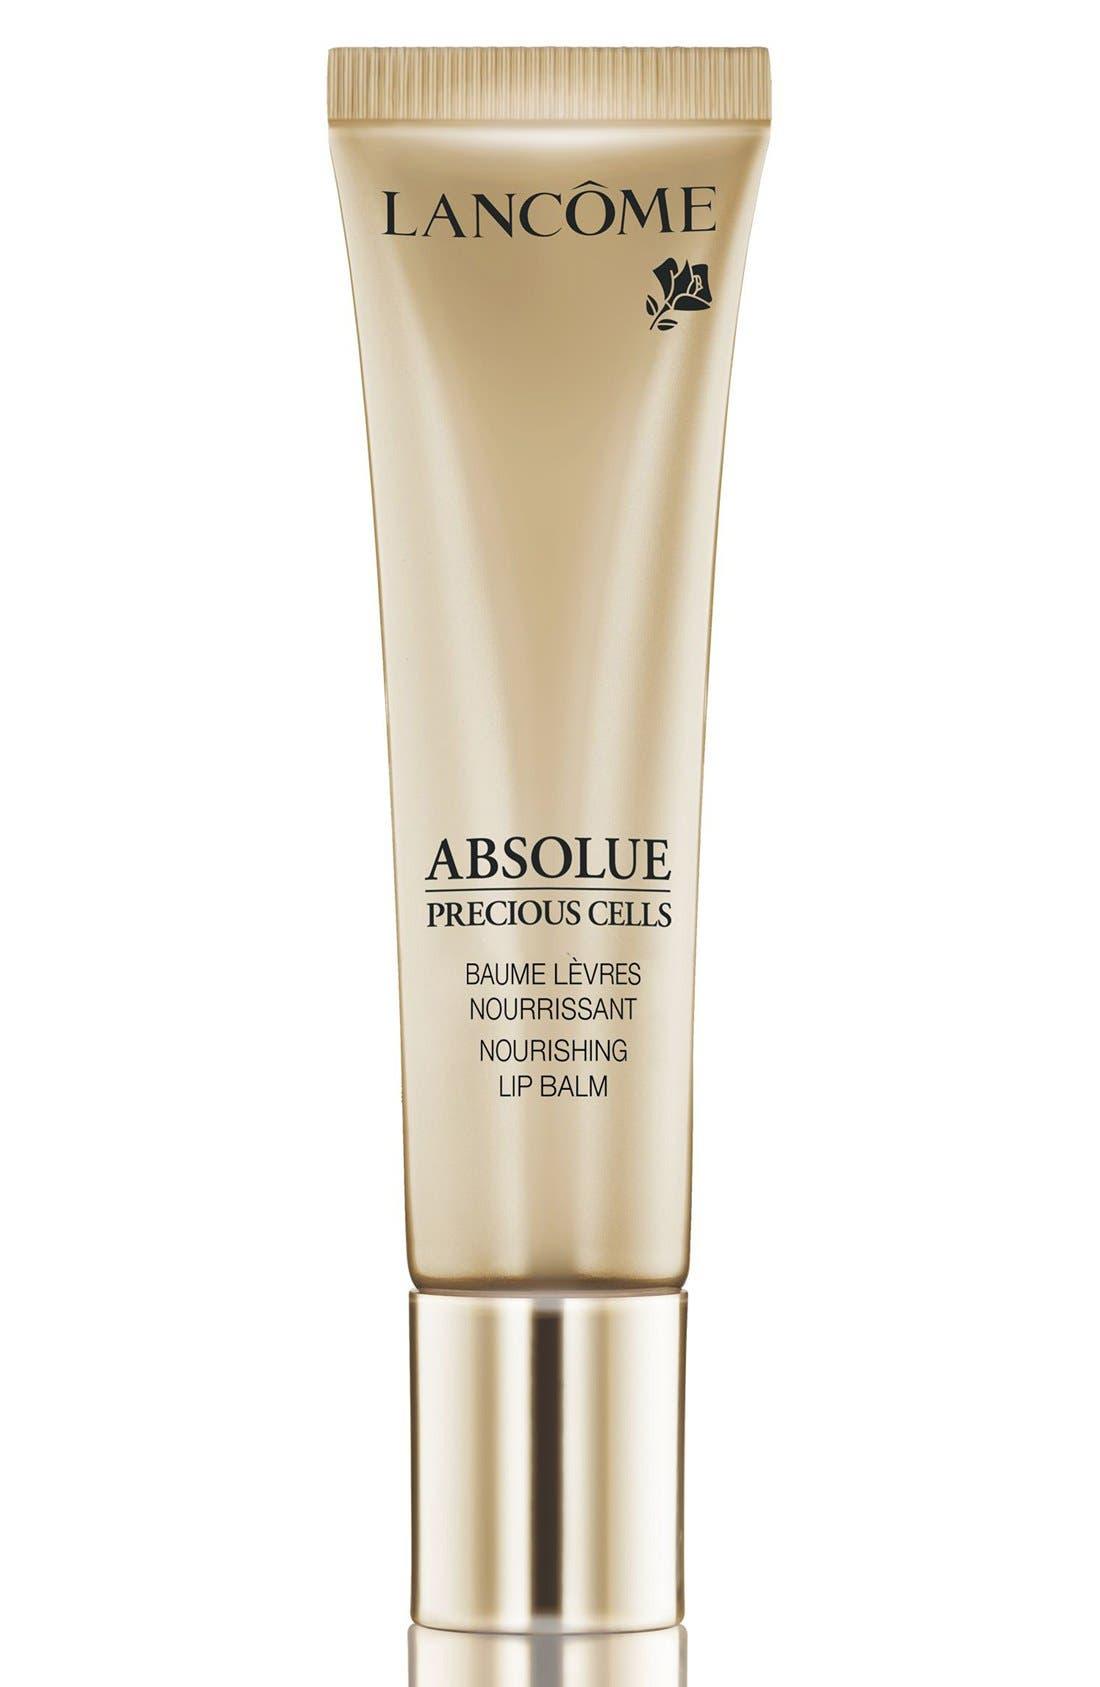 Lancome Absolue Precious Cells Silky Lip Balm